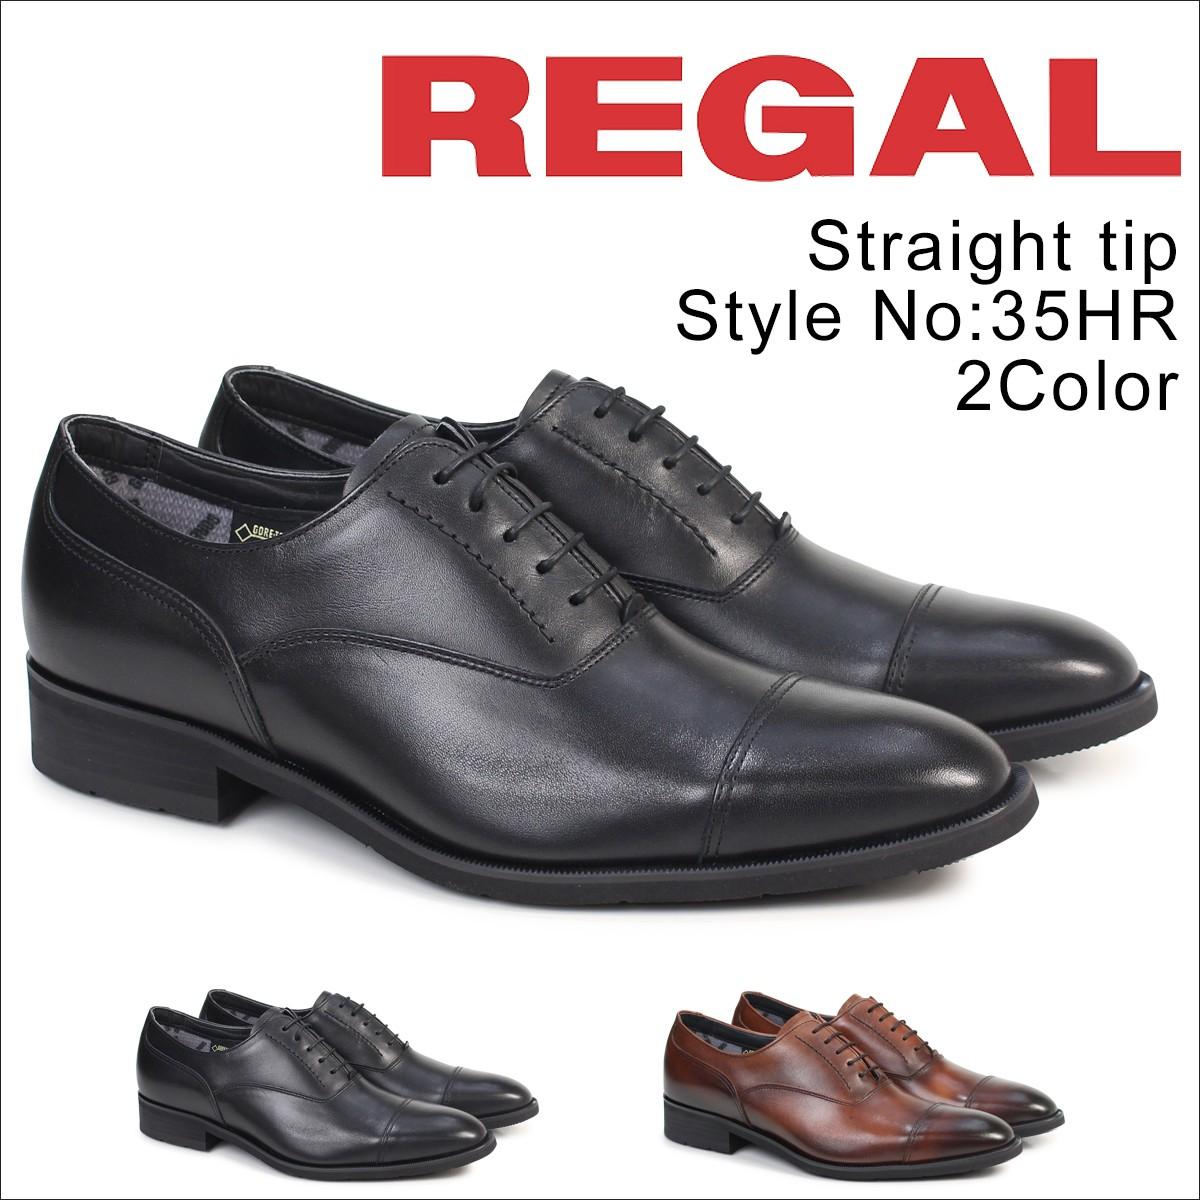 リーガル 靴 メンズ REGAL ストレートチップ 35HRBB ビジネスシューズ 防水 日本製 [1/20 追加入荷]